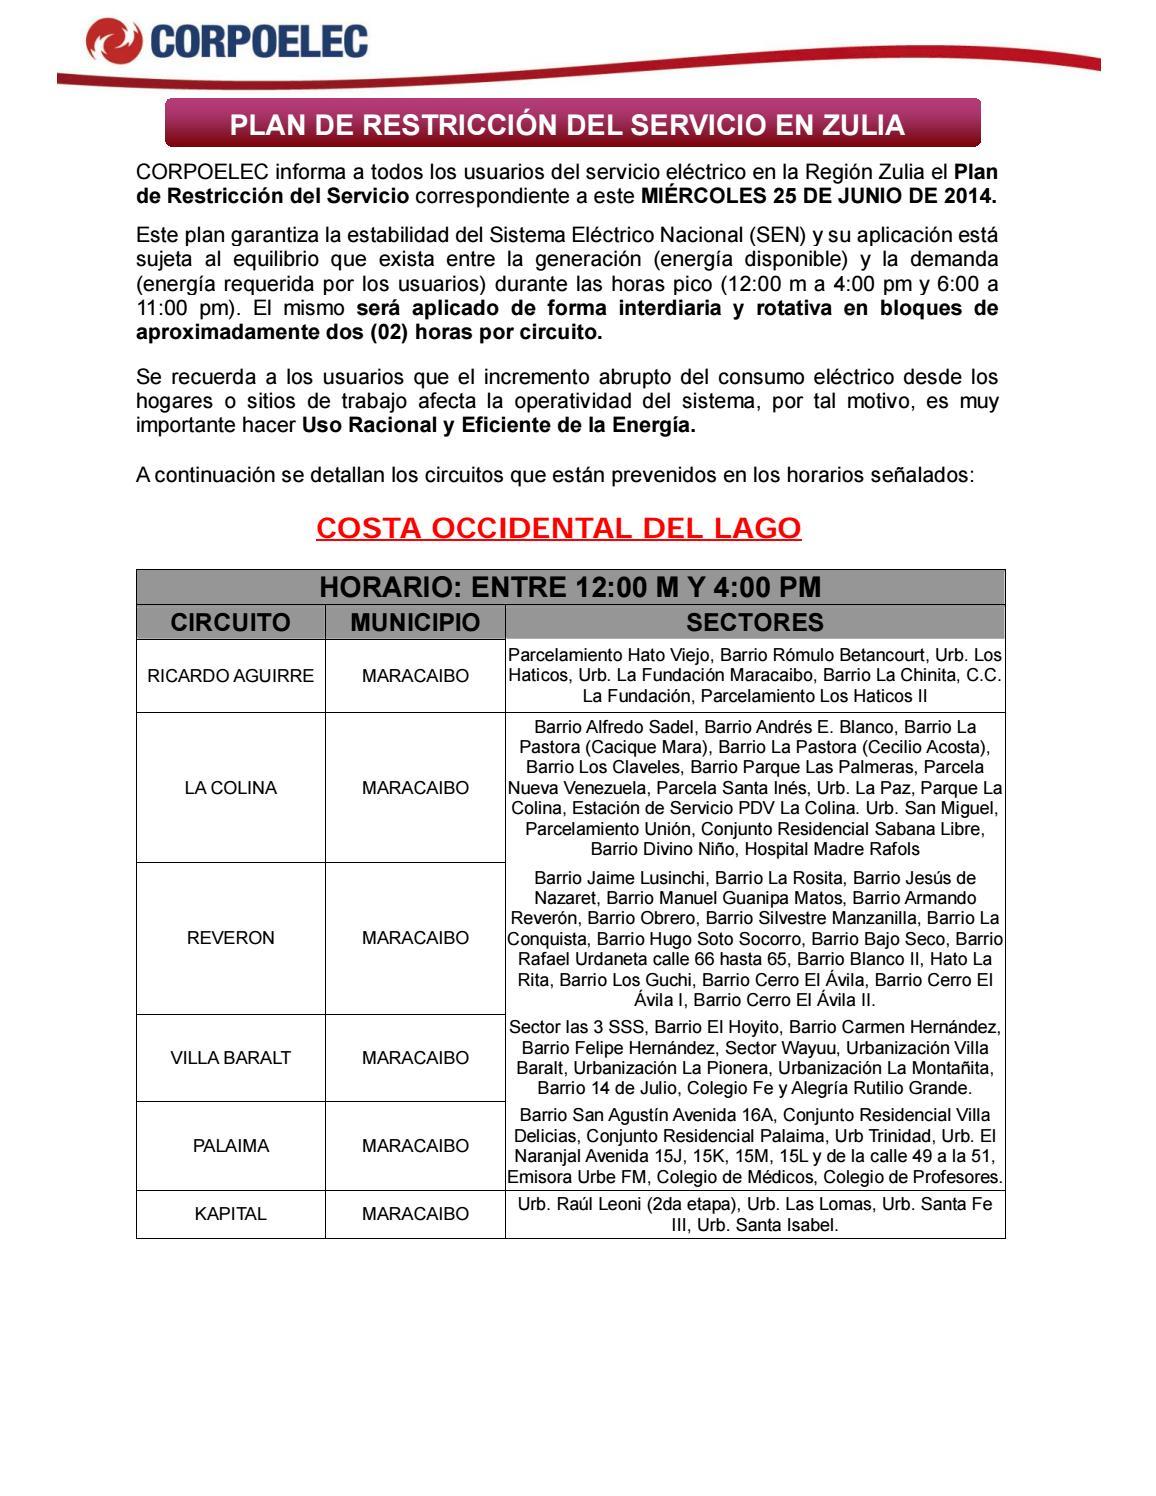 Plan De Administraci C3 B3n De Carga Vigente Desde El 6 De Junio  # Muebles Lalin Naguanagua